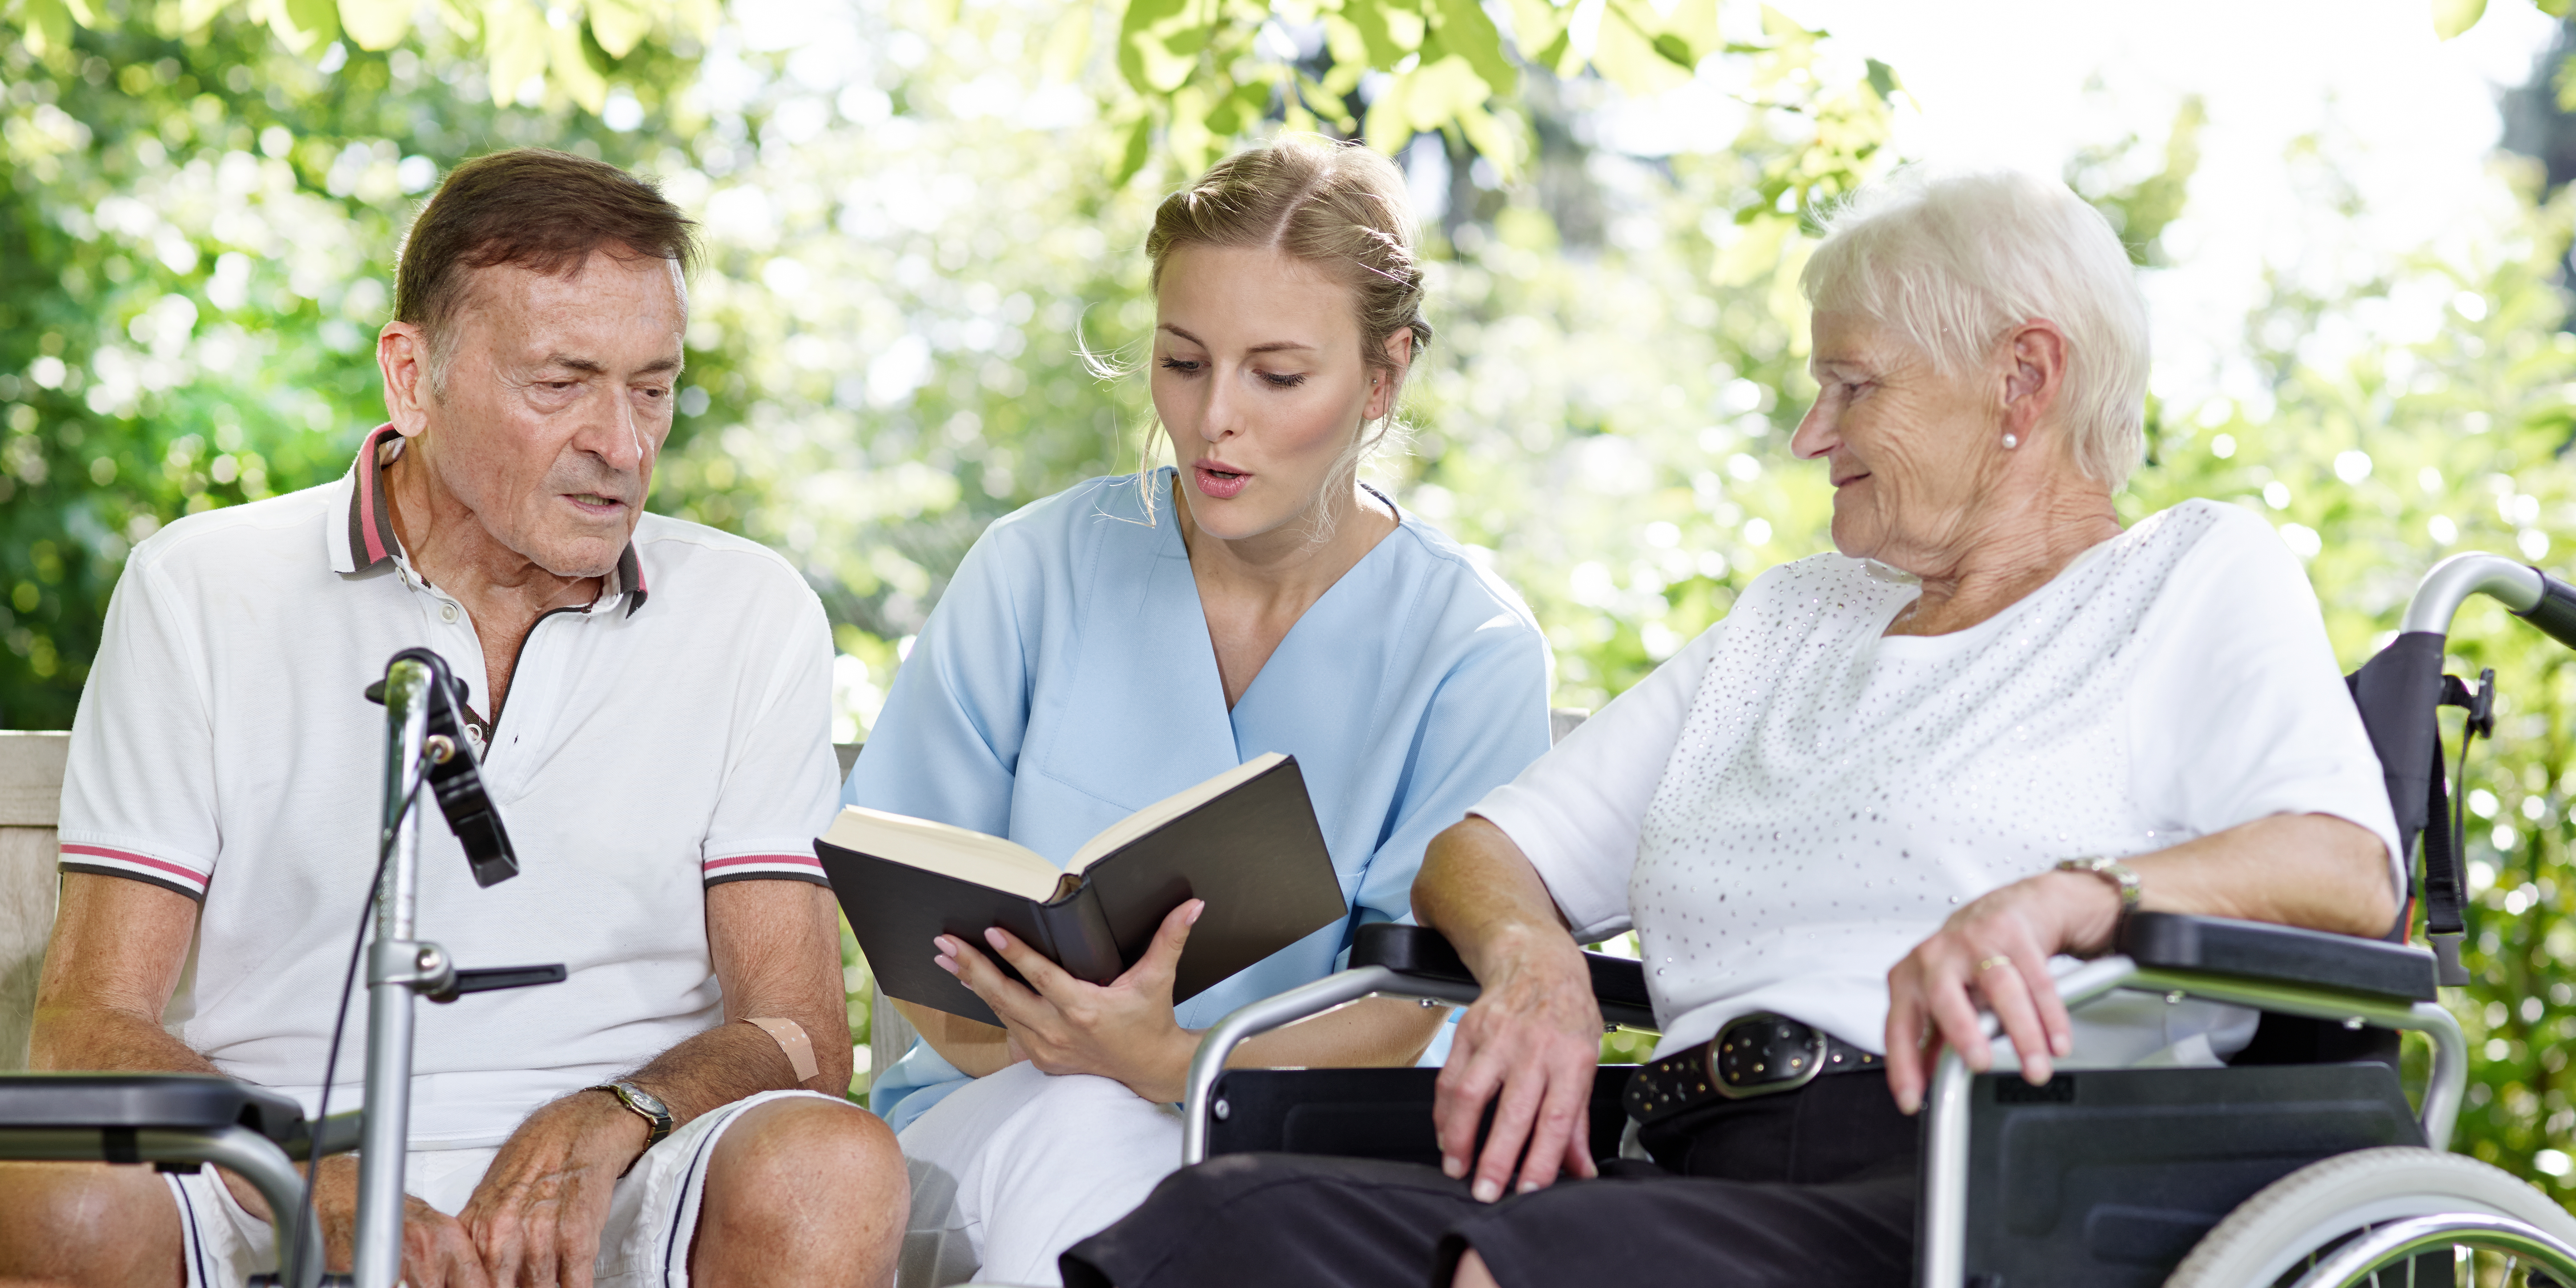 Behandlungs- und Krankenpflege